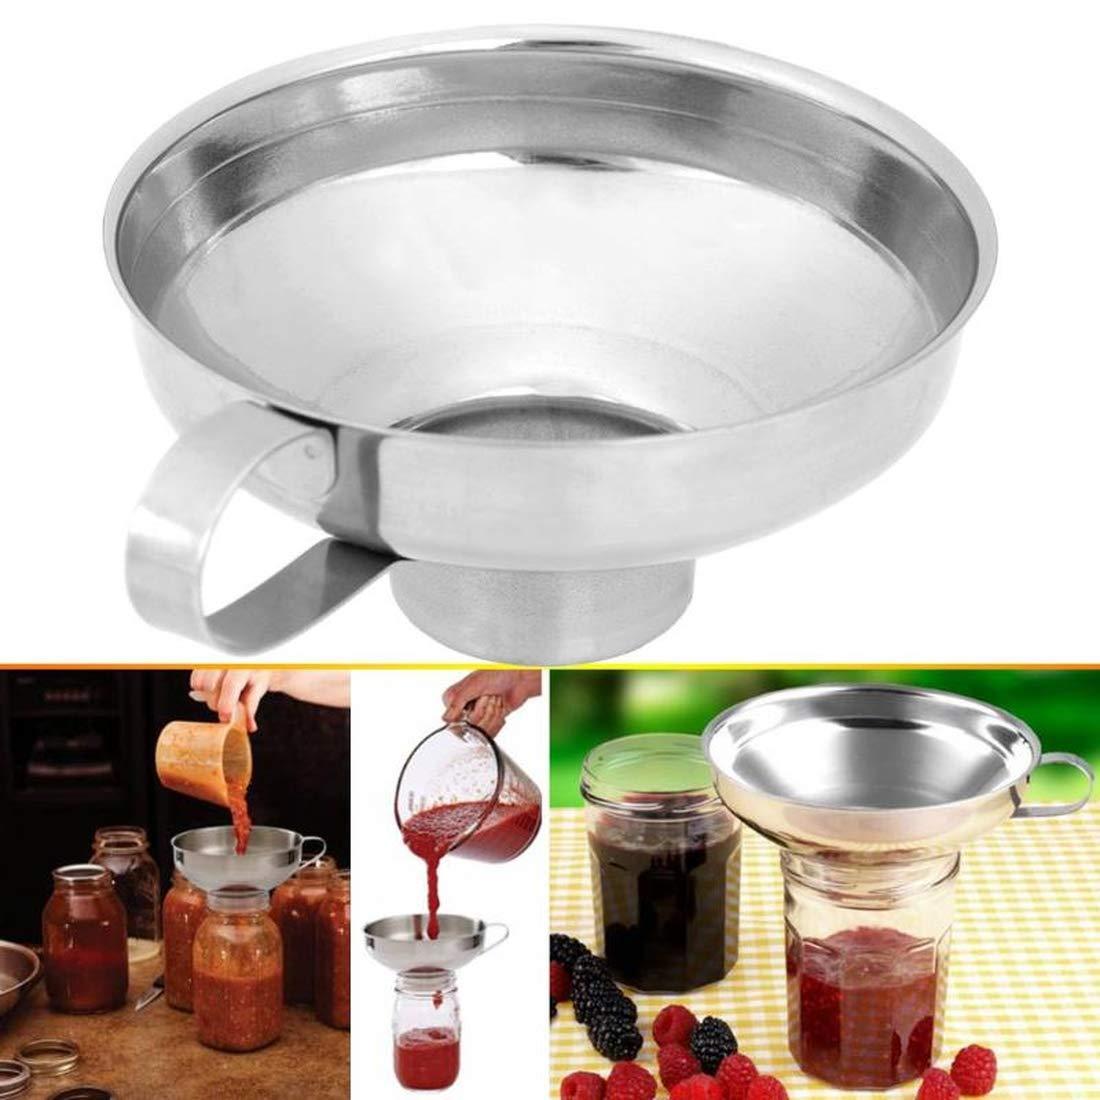 Cocina Embudo para Regular y frascos de Boca Ancha OSAYES Embudo de Acero Inoxidable de conservas de Boca Ancha con Mango para Mason Jar